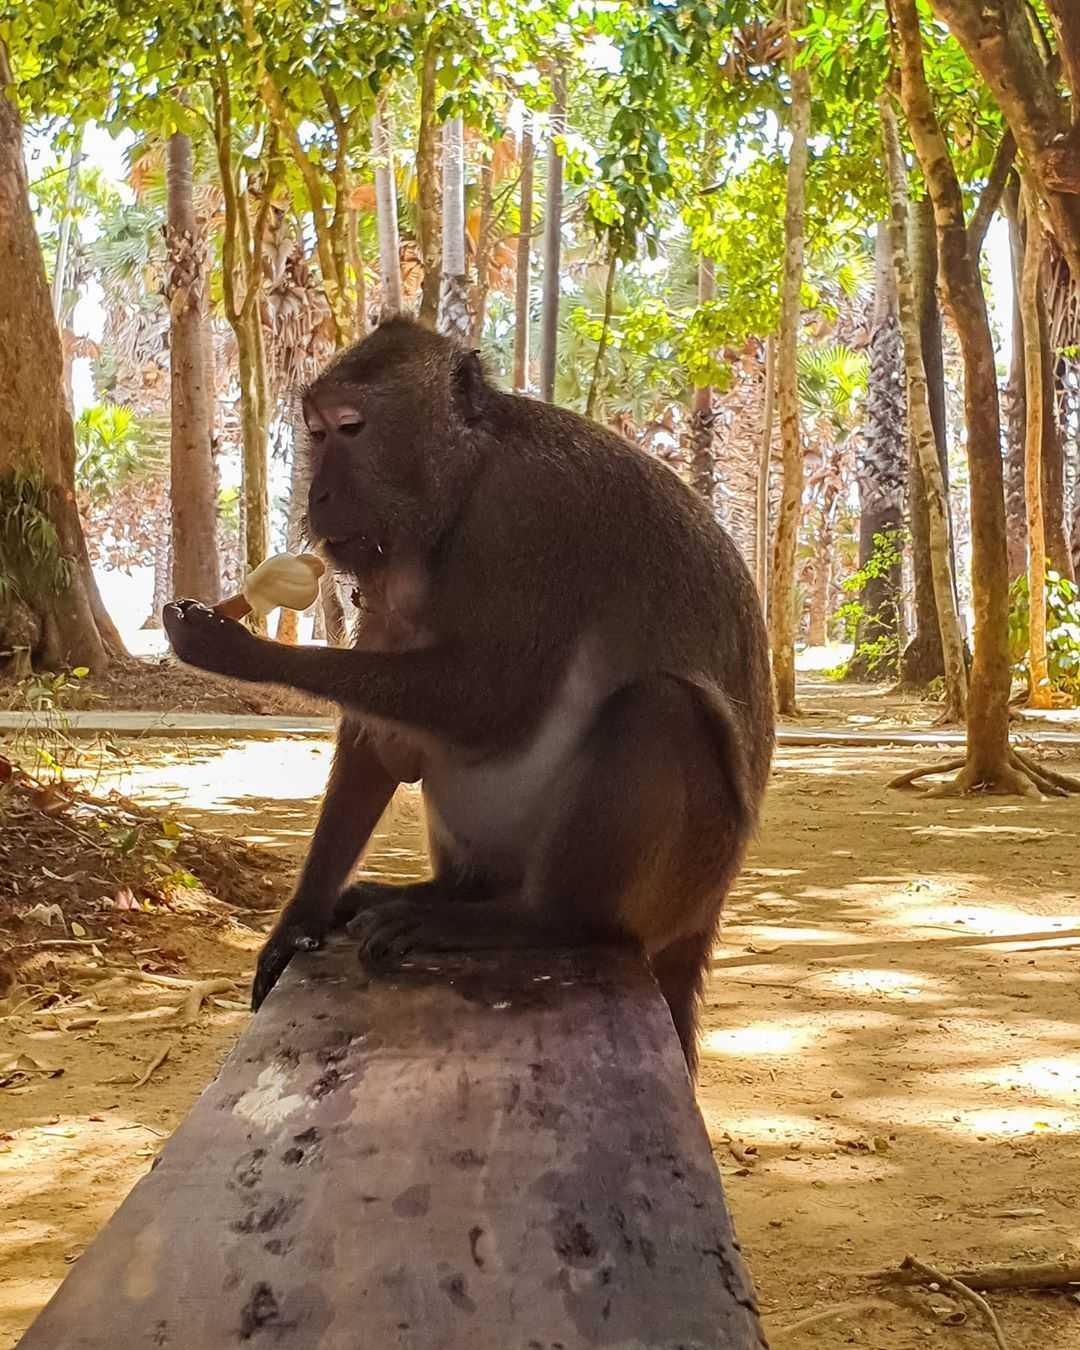 Aapje in het nationale park van Koh Lanta